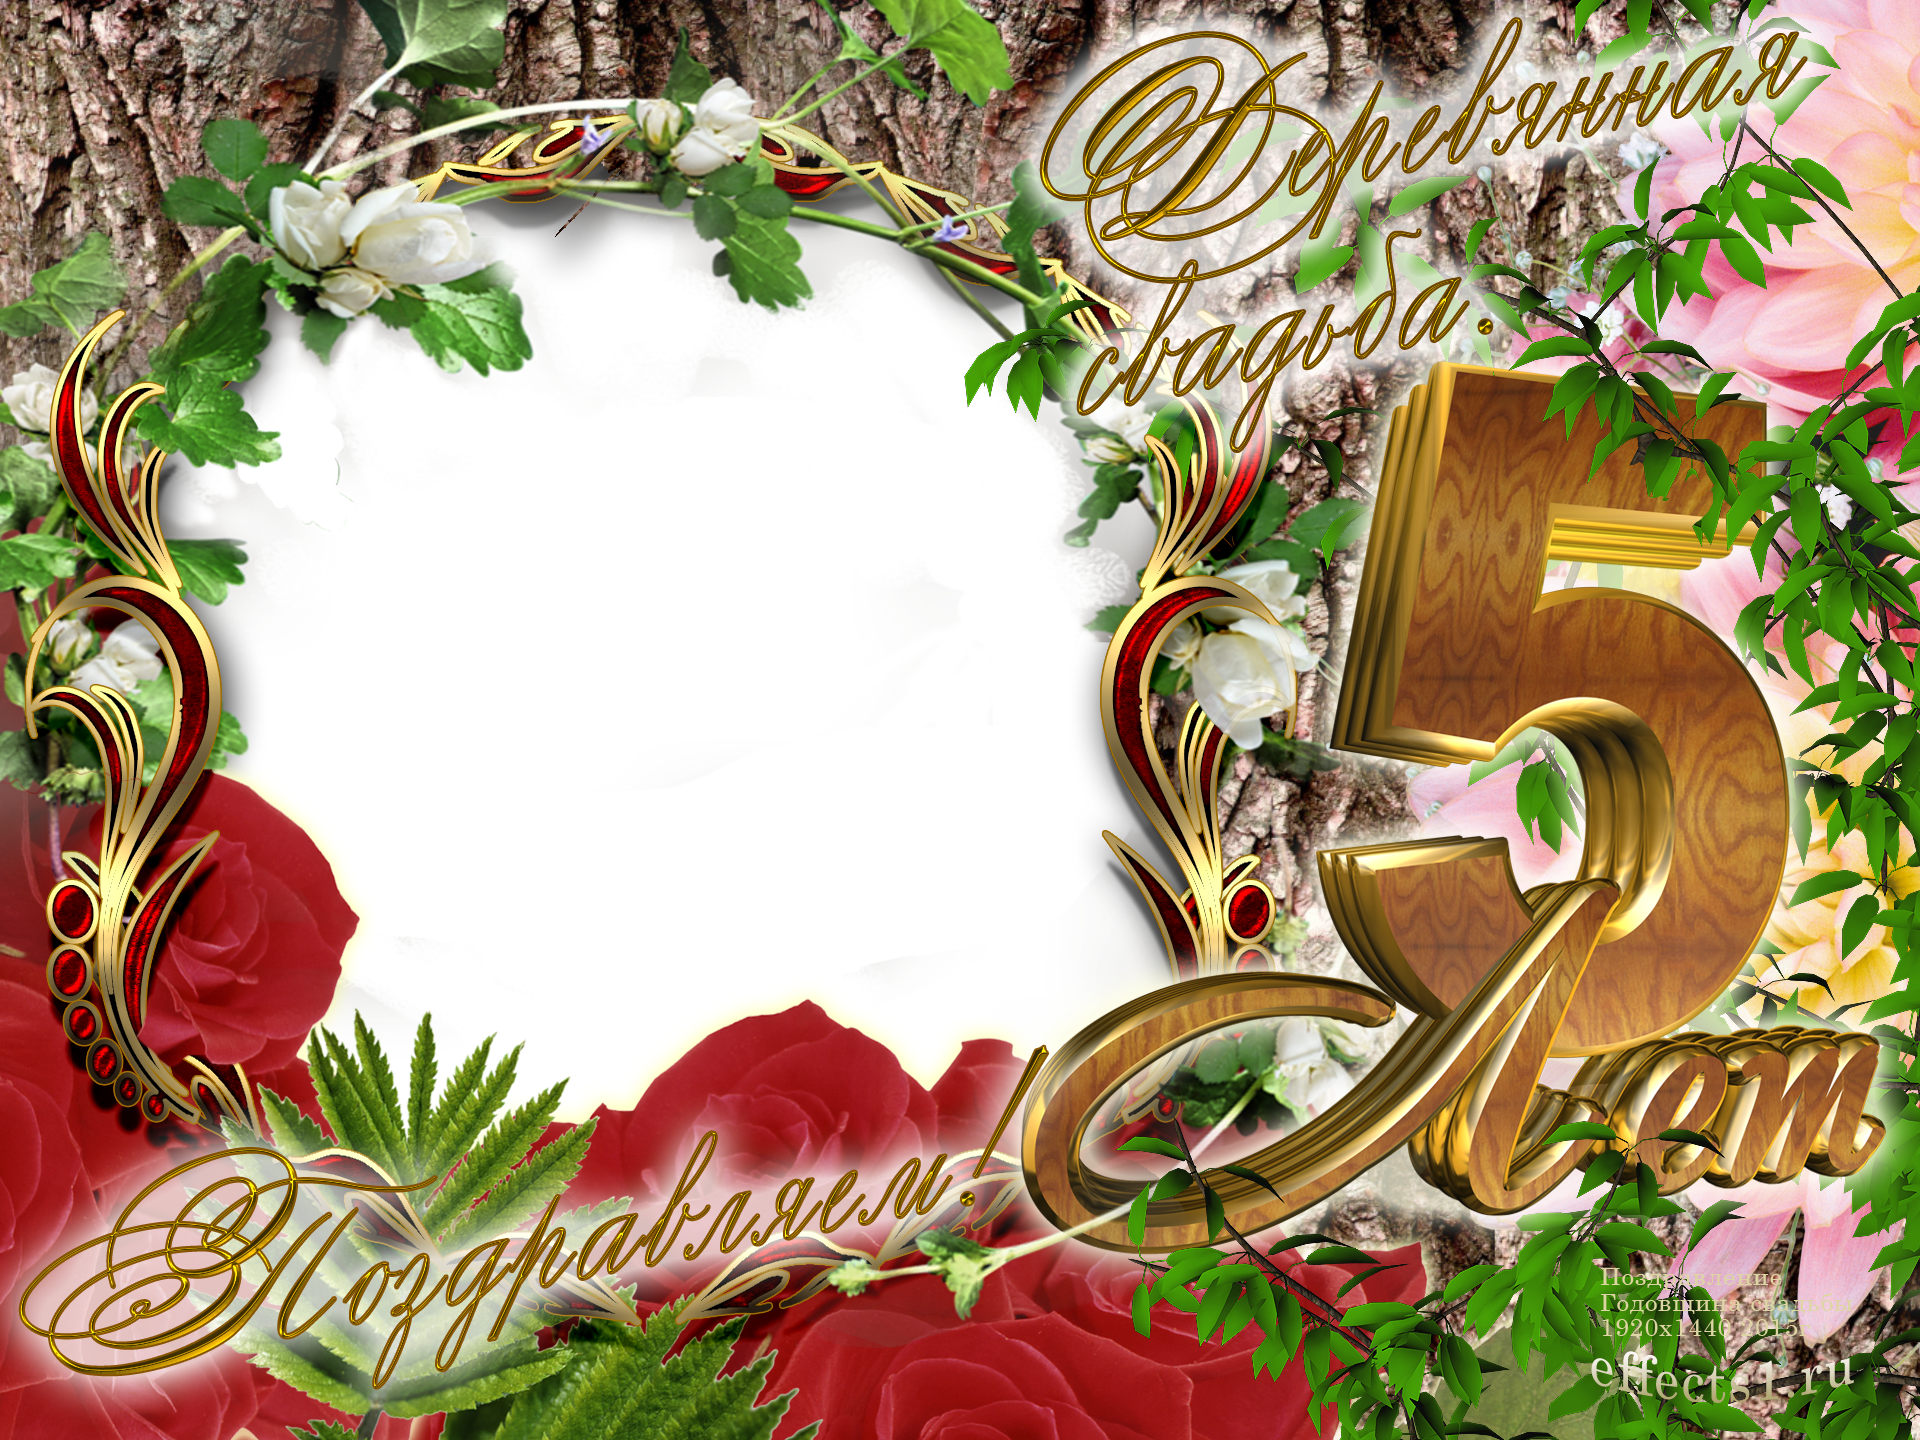 Развиващие задания. Открытки на Деревянную свадьбу 5 лет Мерцающие открытки с поздравлениями на Деревянную свадьбу 5 лет. Открытки с годовщиной свадьбы 5 лет скачать бесплатно.  Красивые пожелания на годовщину свадьбы другу. Мерцающие открытки с поздравлениями на Деревянную свадьбу 5 лет. Открытки с годовщиной свадьбы 5 лет скачать бесплатно.